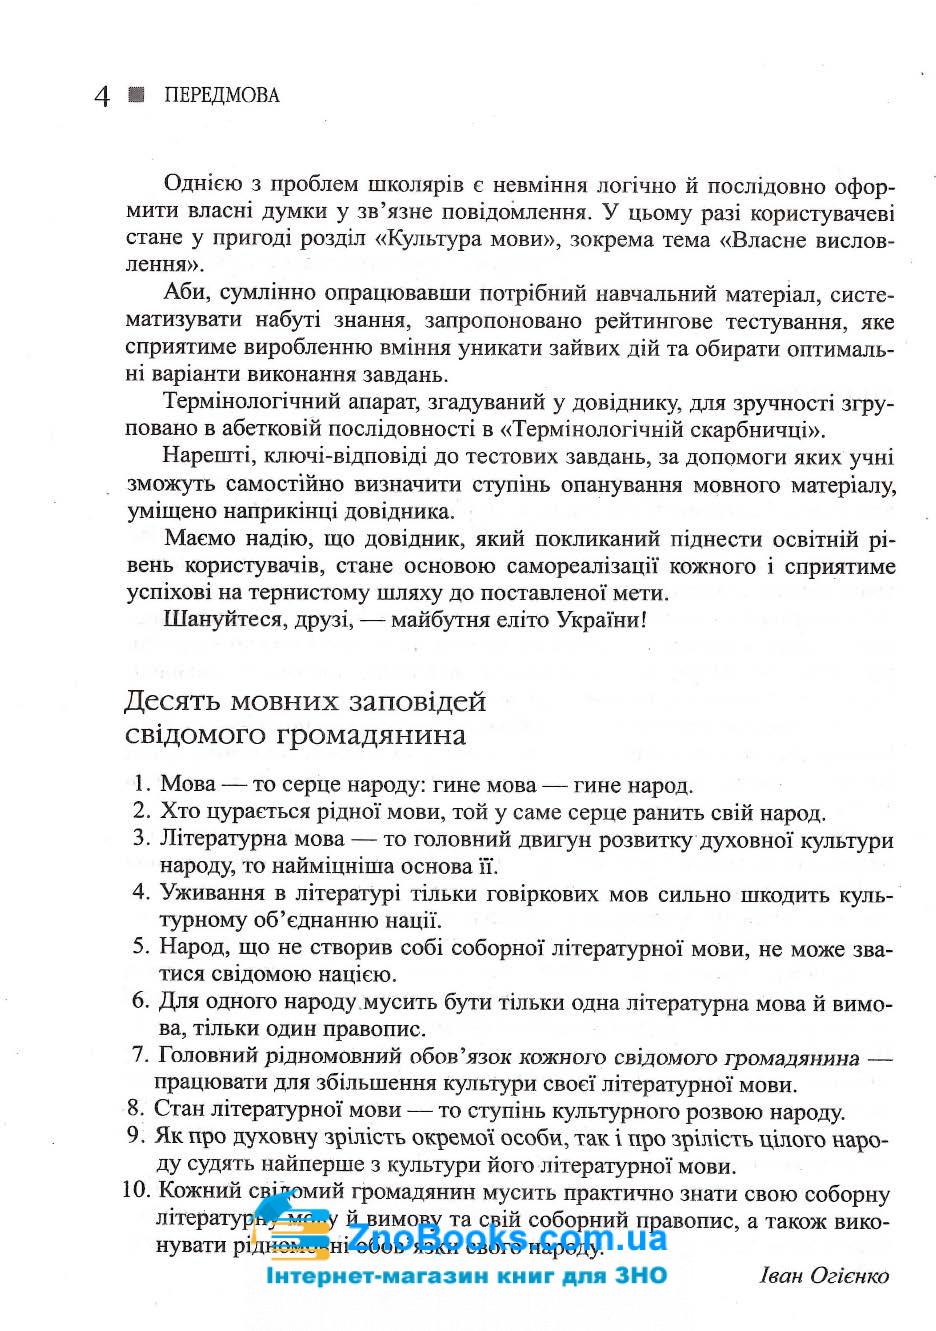 Українська мова. Довідник для абітурієнтів та школярів : Дияк О. Літера. купити 4